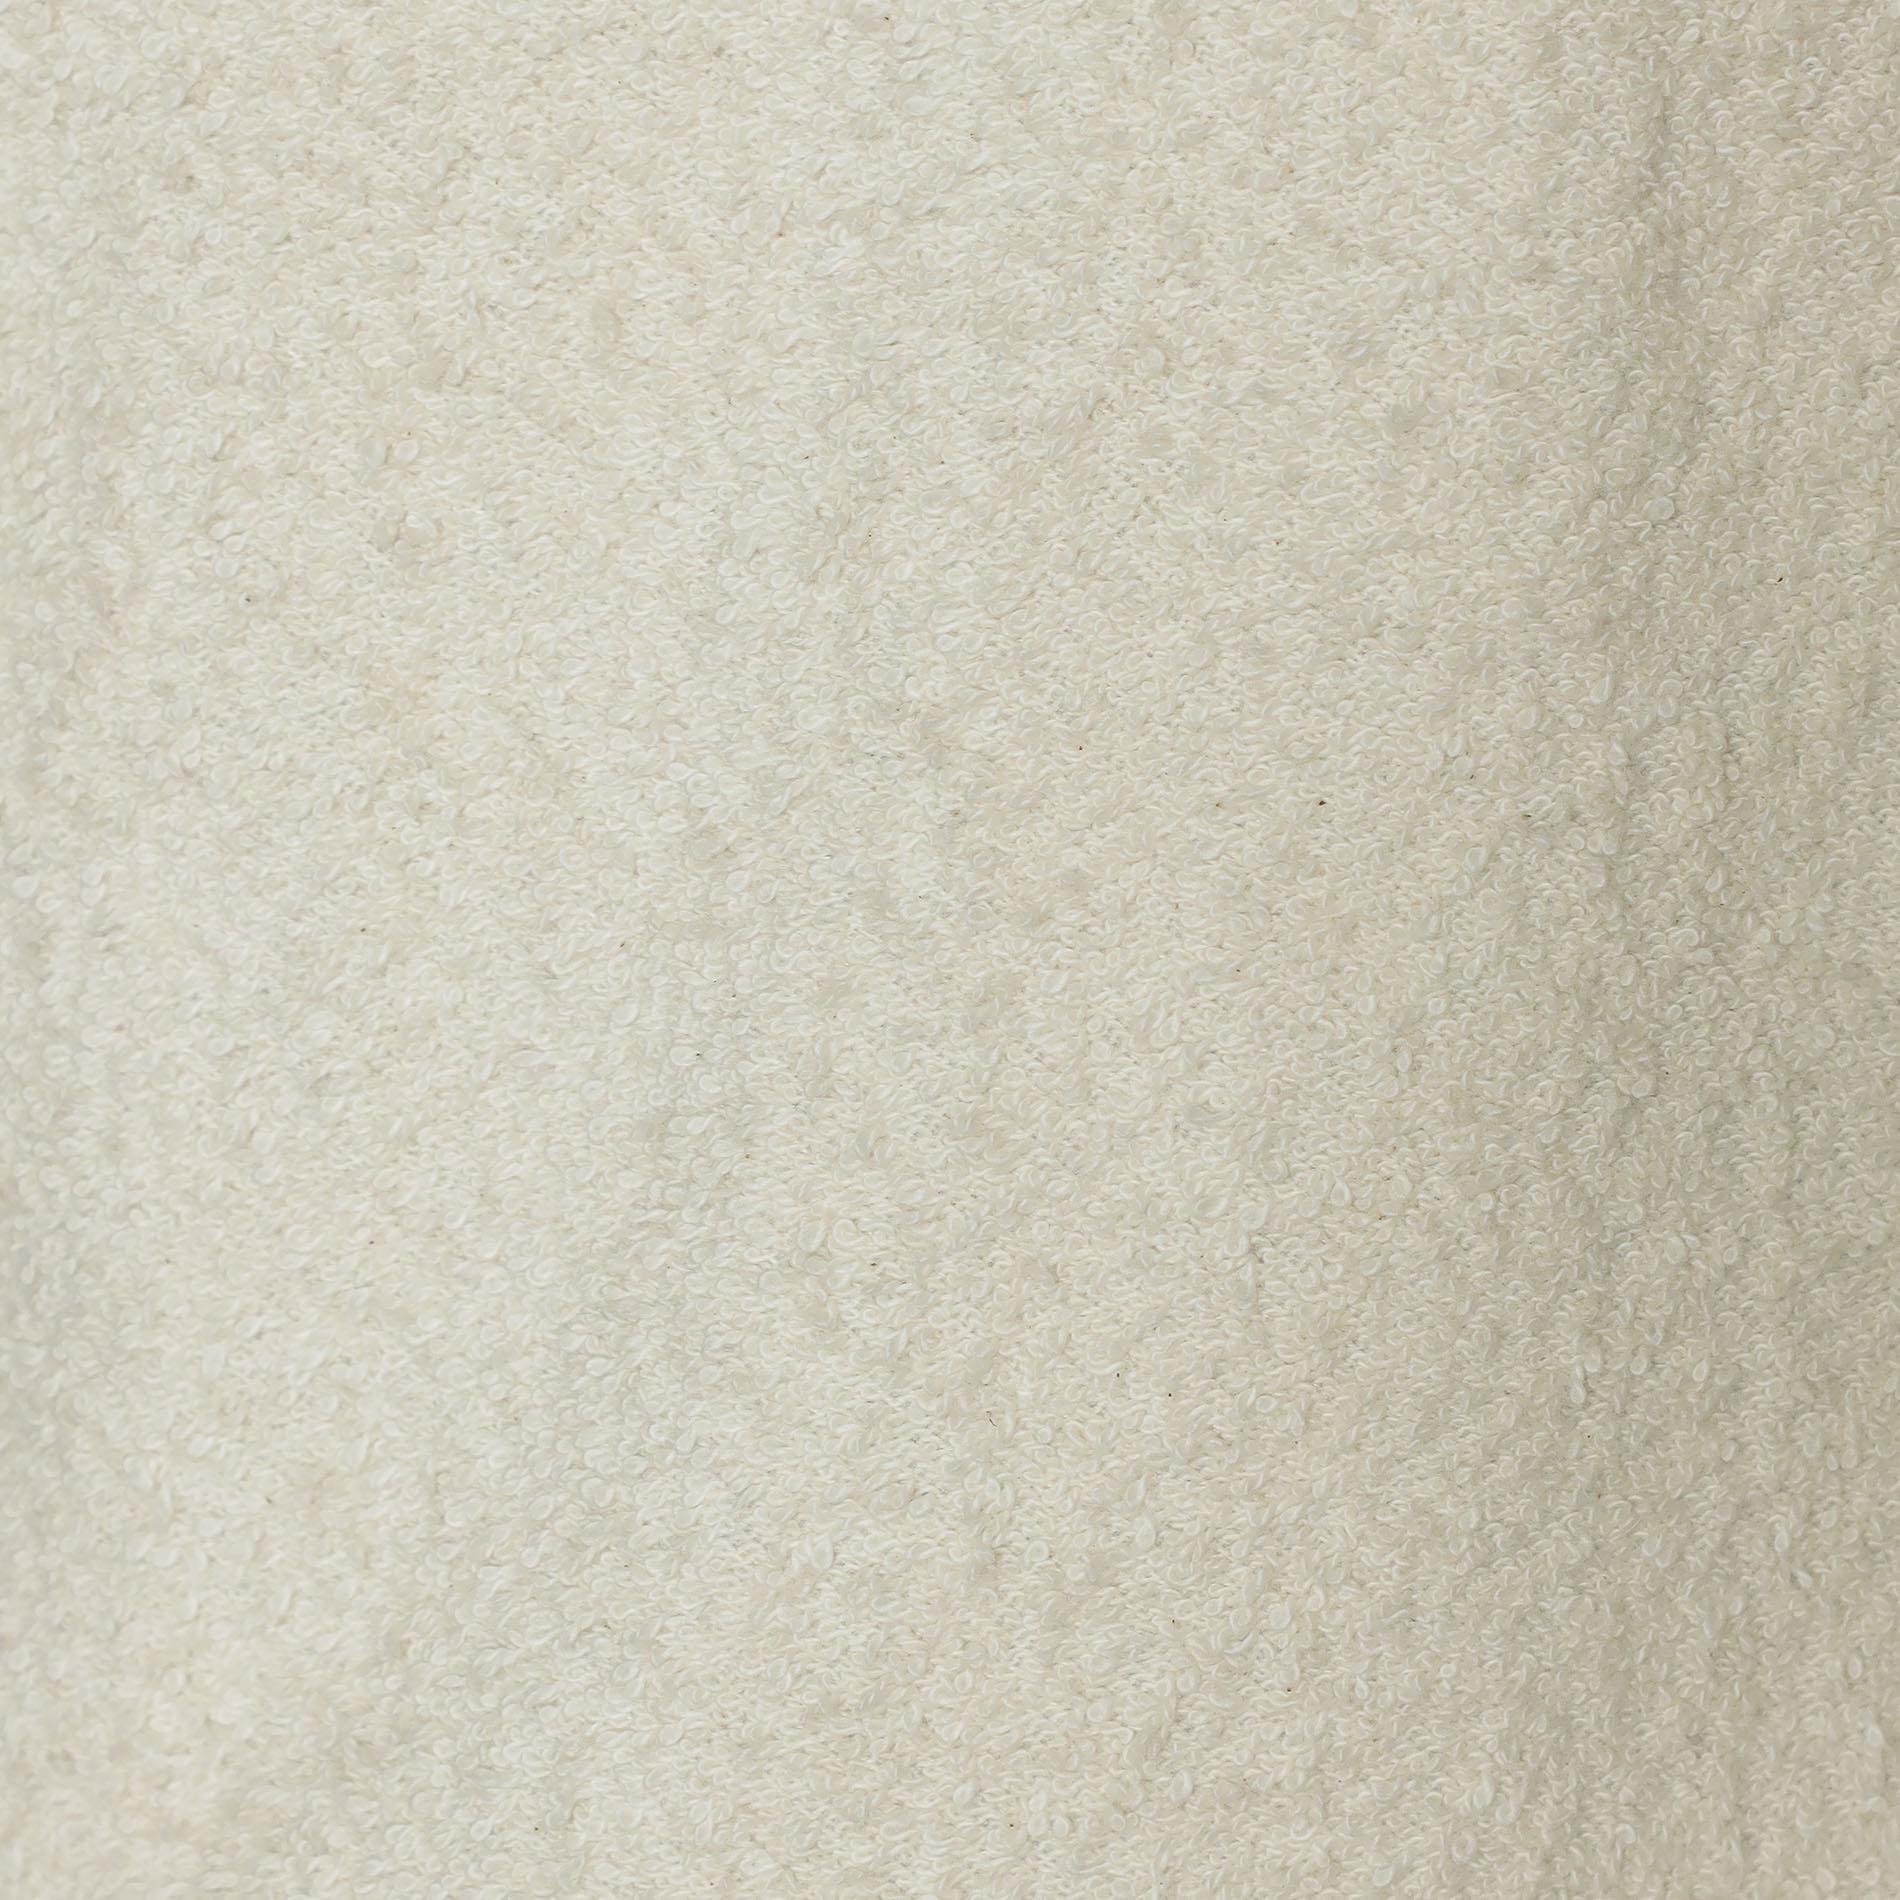 リバーシブル吊り裏毛半袖クルーネックスウェット